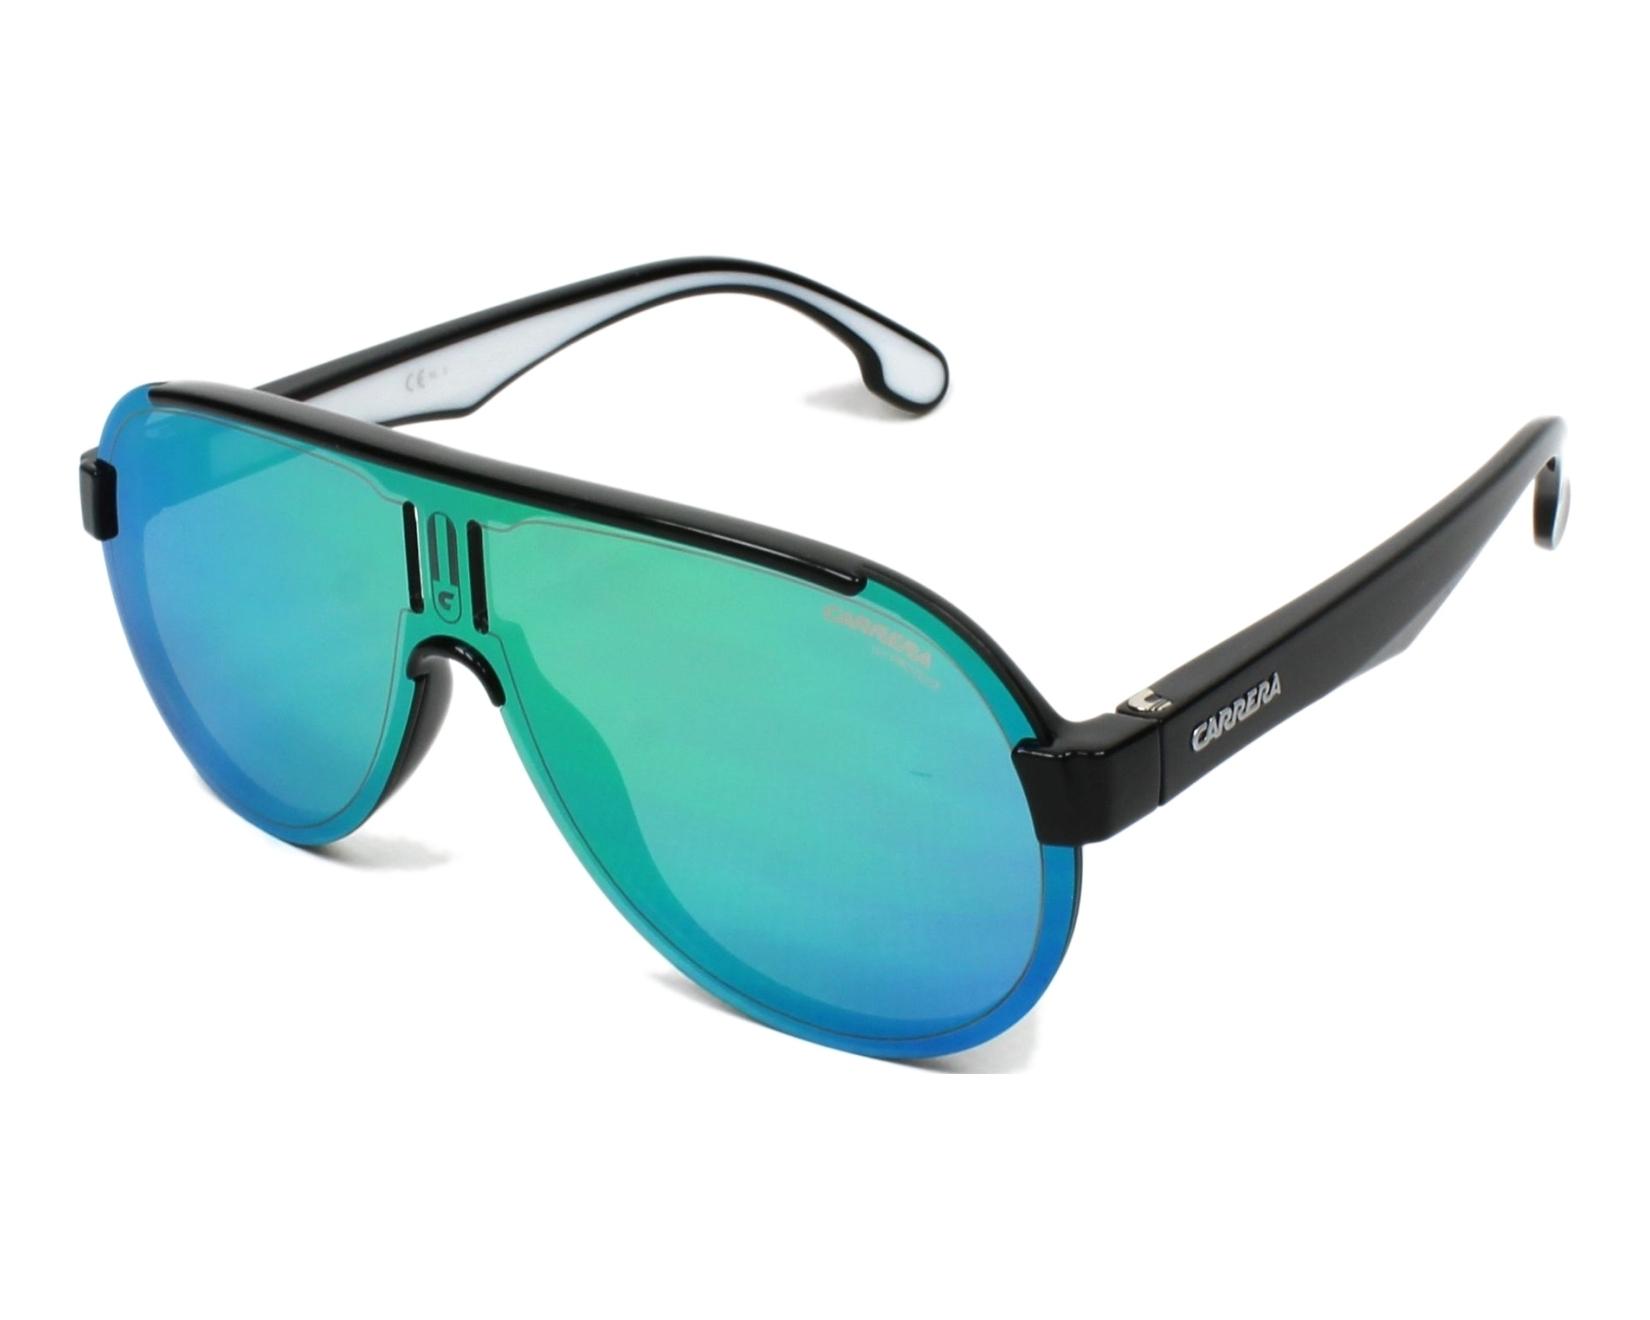 Carrera Eyewear Herren Sonnenbrille » CARRERA 1008/S«, blau, RCT/Z0 - blau/blau